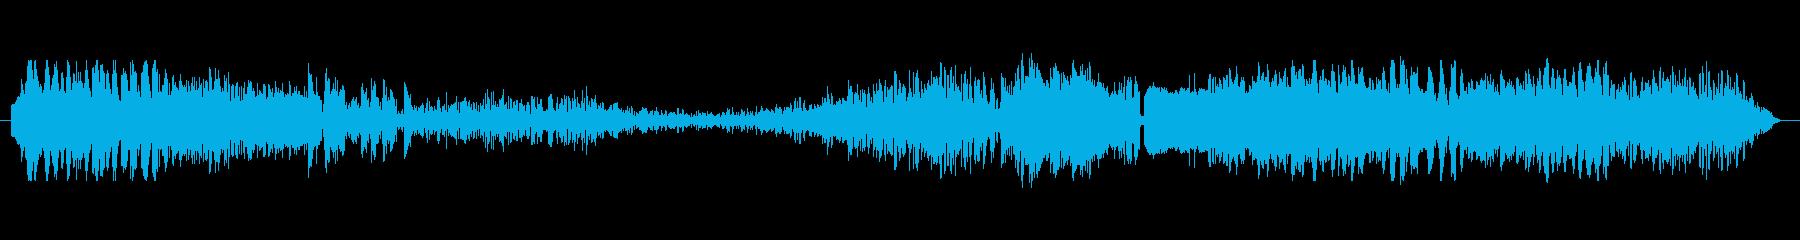 回転速度の遷移の再生済みの波形